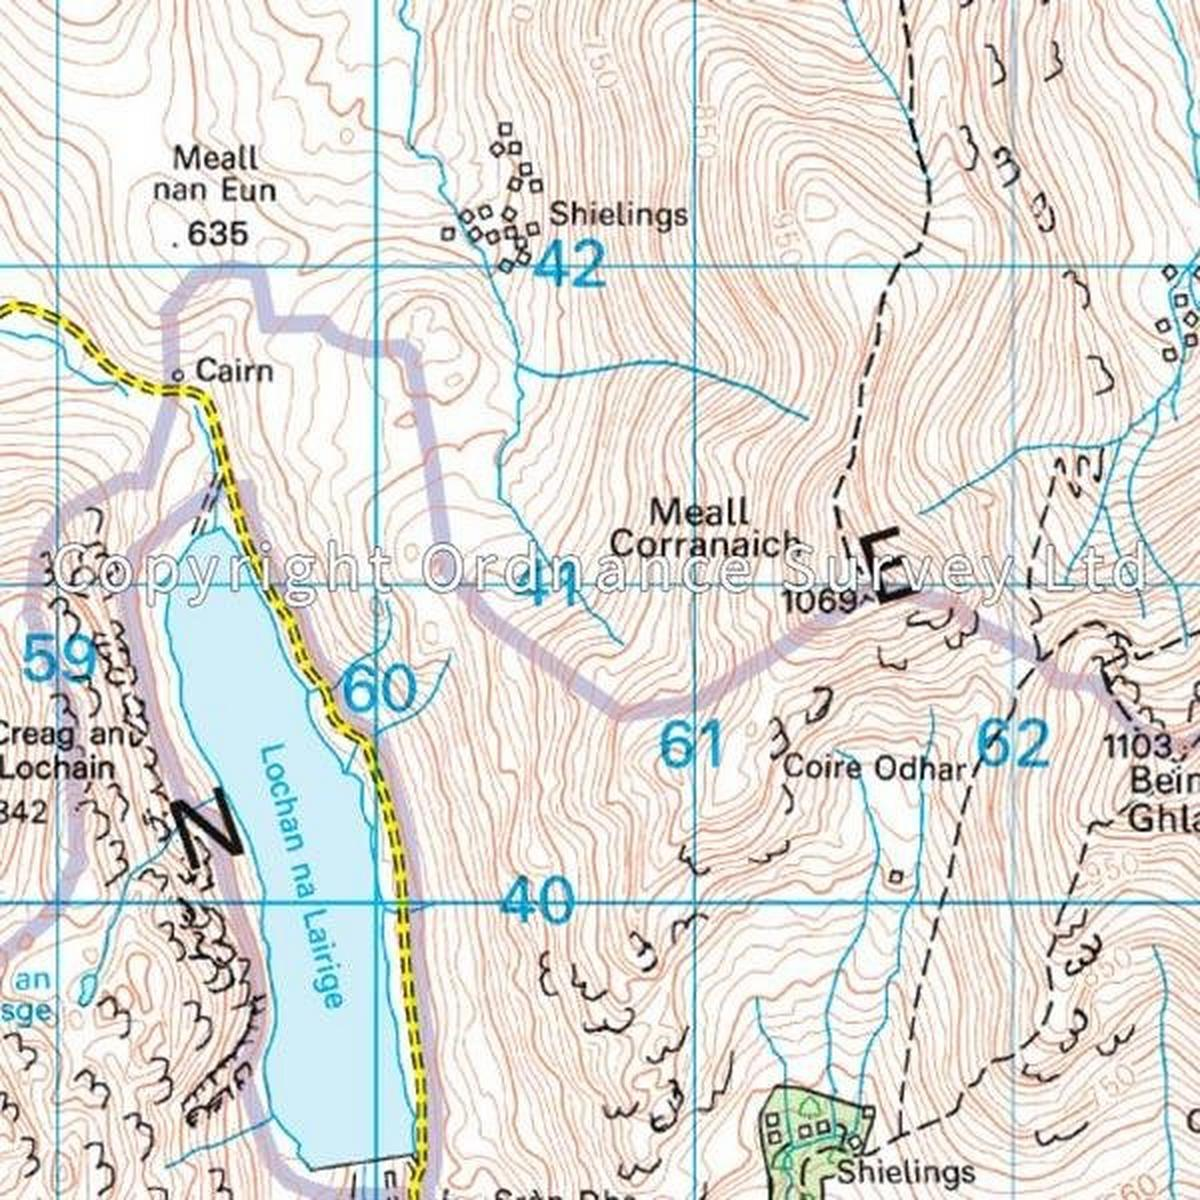 Ordnance Survey OS Landranger Map 51 Loch Tay & Glen Dochart